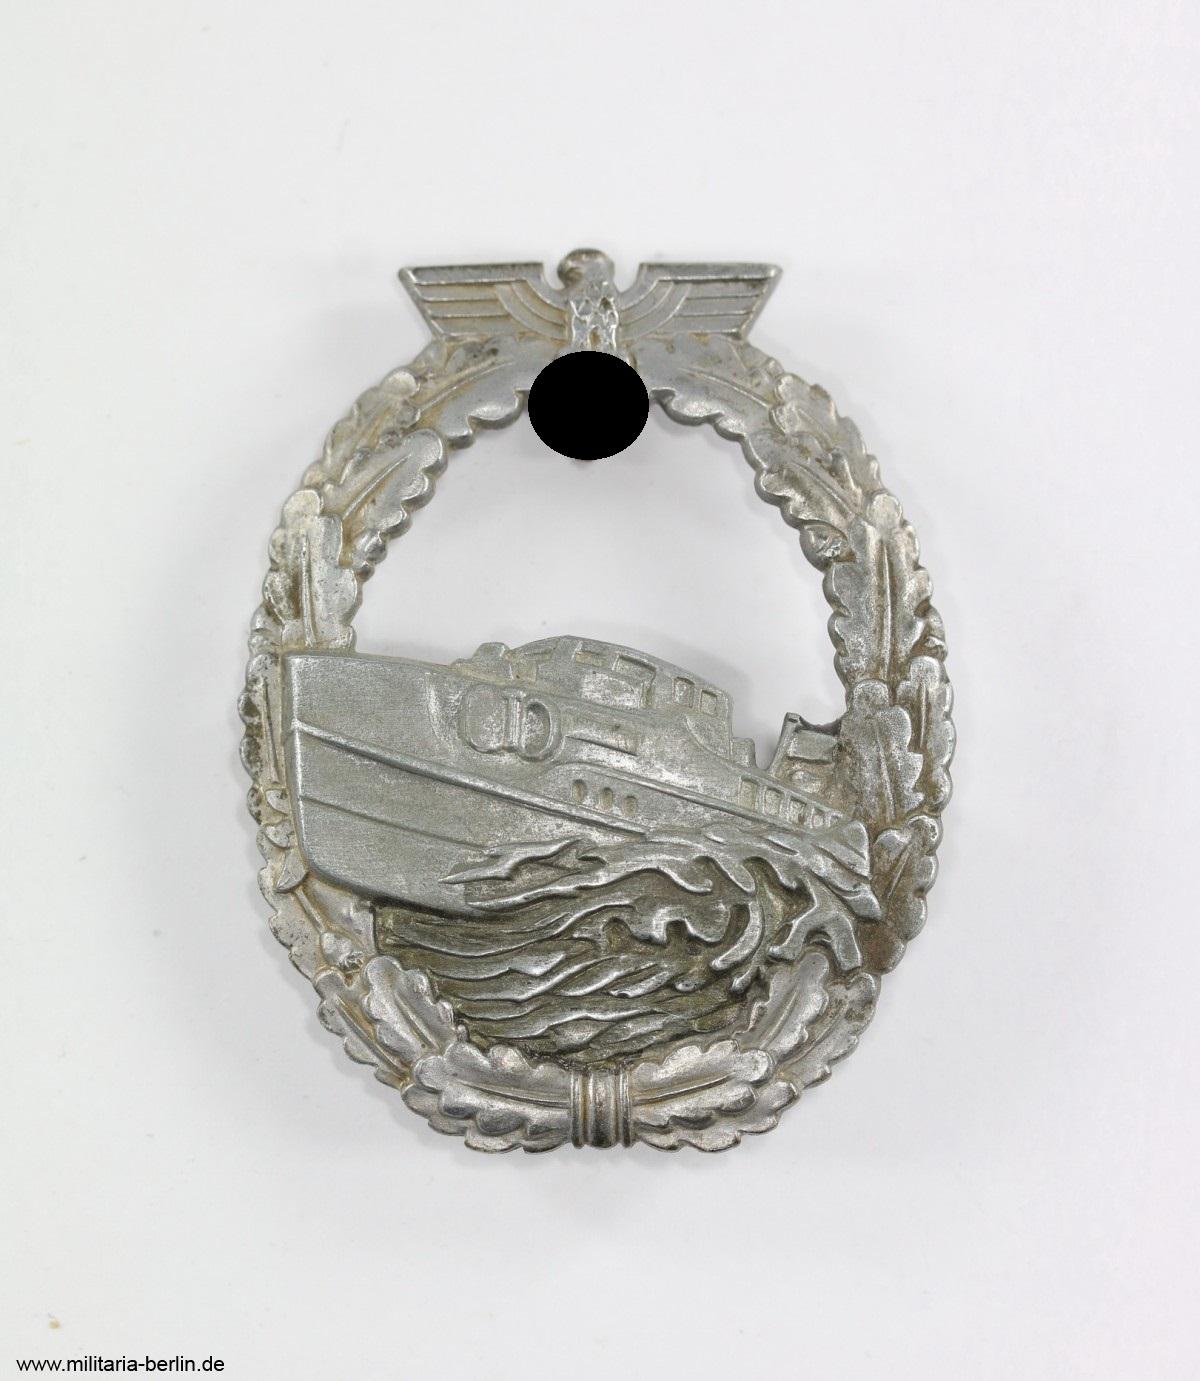 Schnellbootkriegsabzeichen-Vorderseite